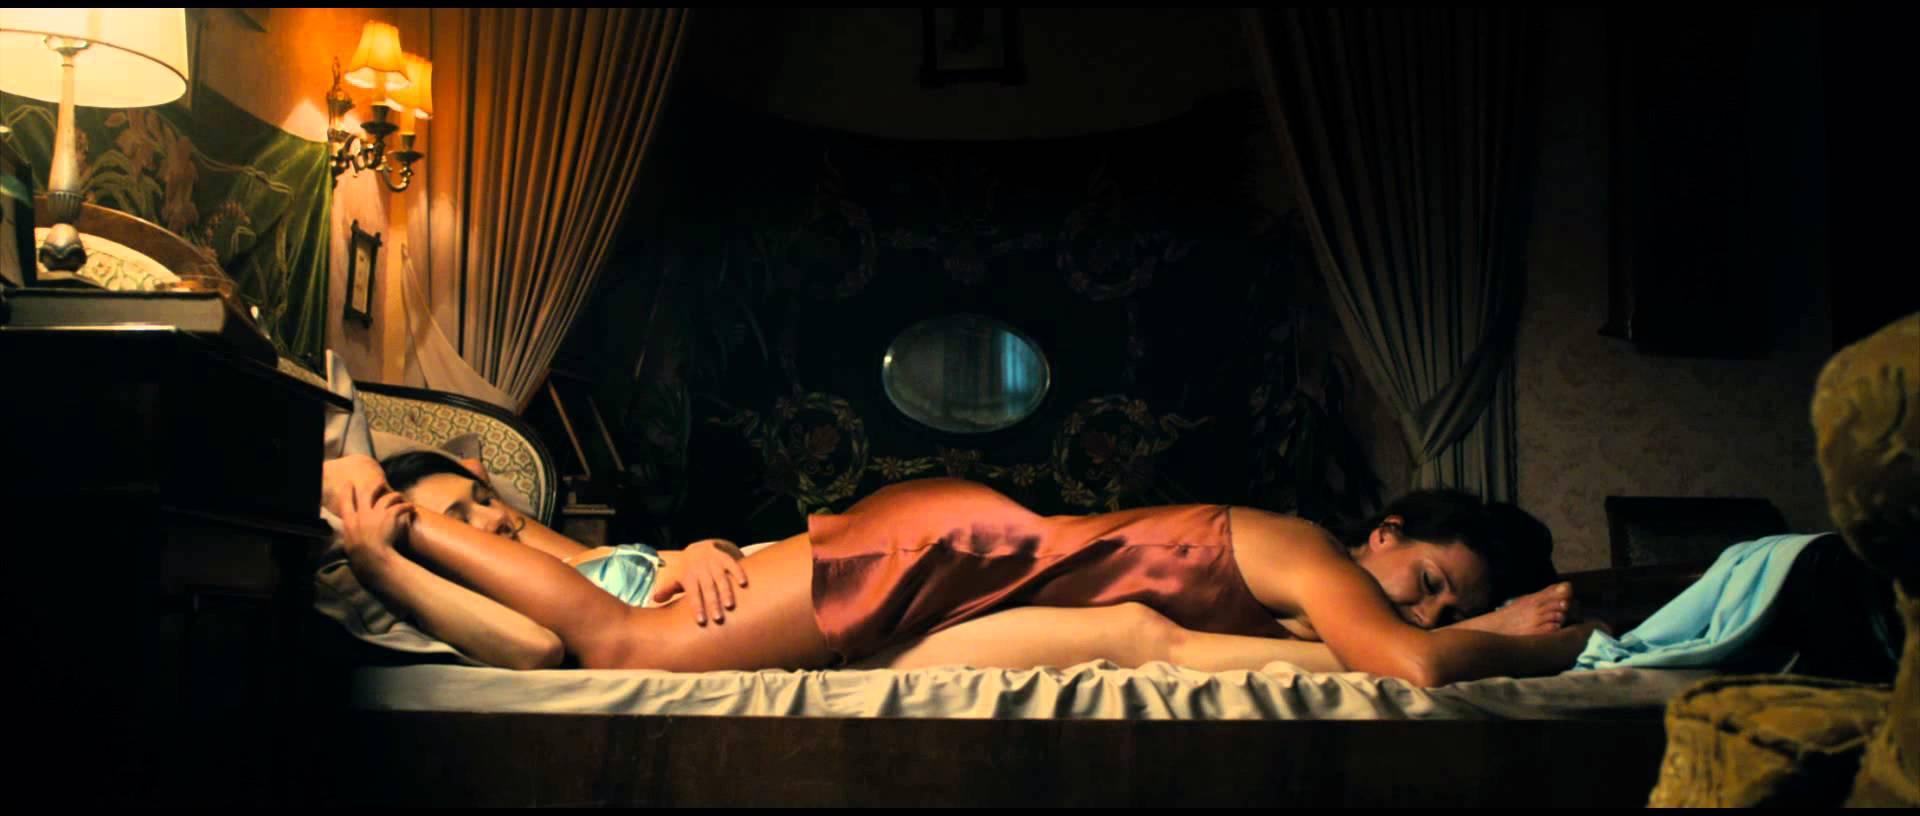 Paroles de la chanson Stiletto Sex - lacoccinellenet